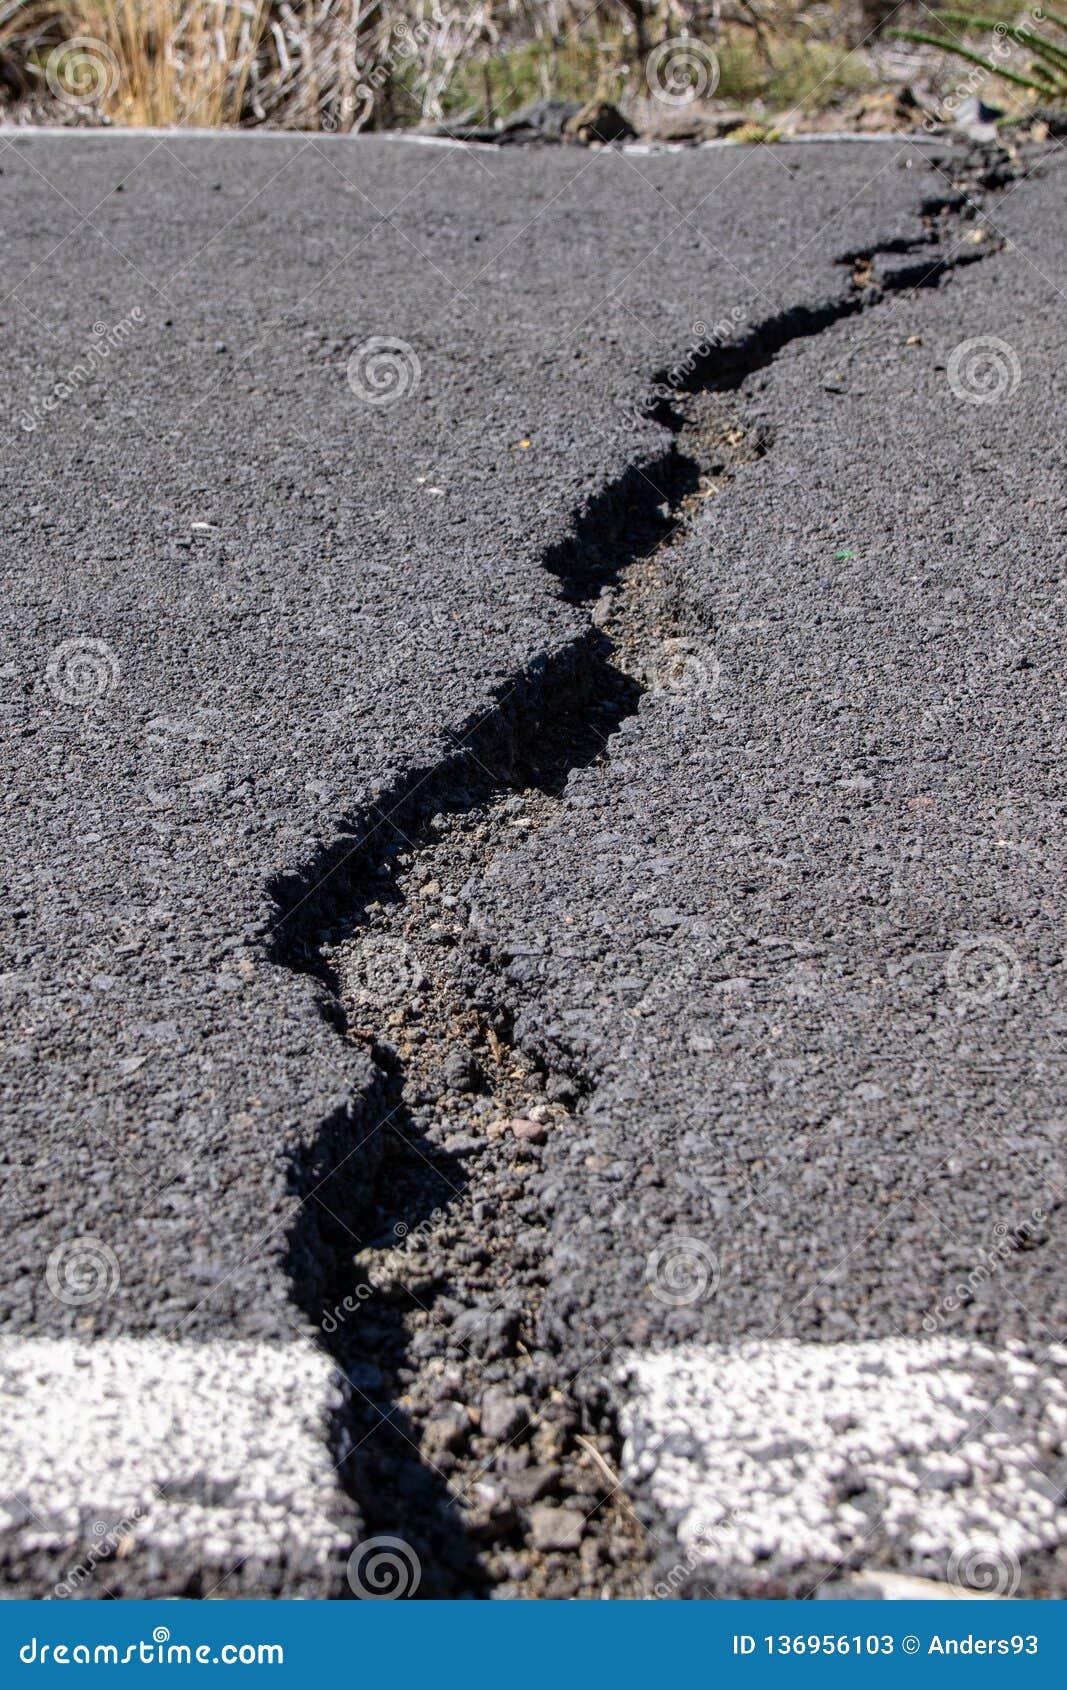 Quebras na superfície de estrada no La Palma, Canaries, Espanha